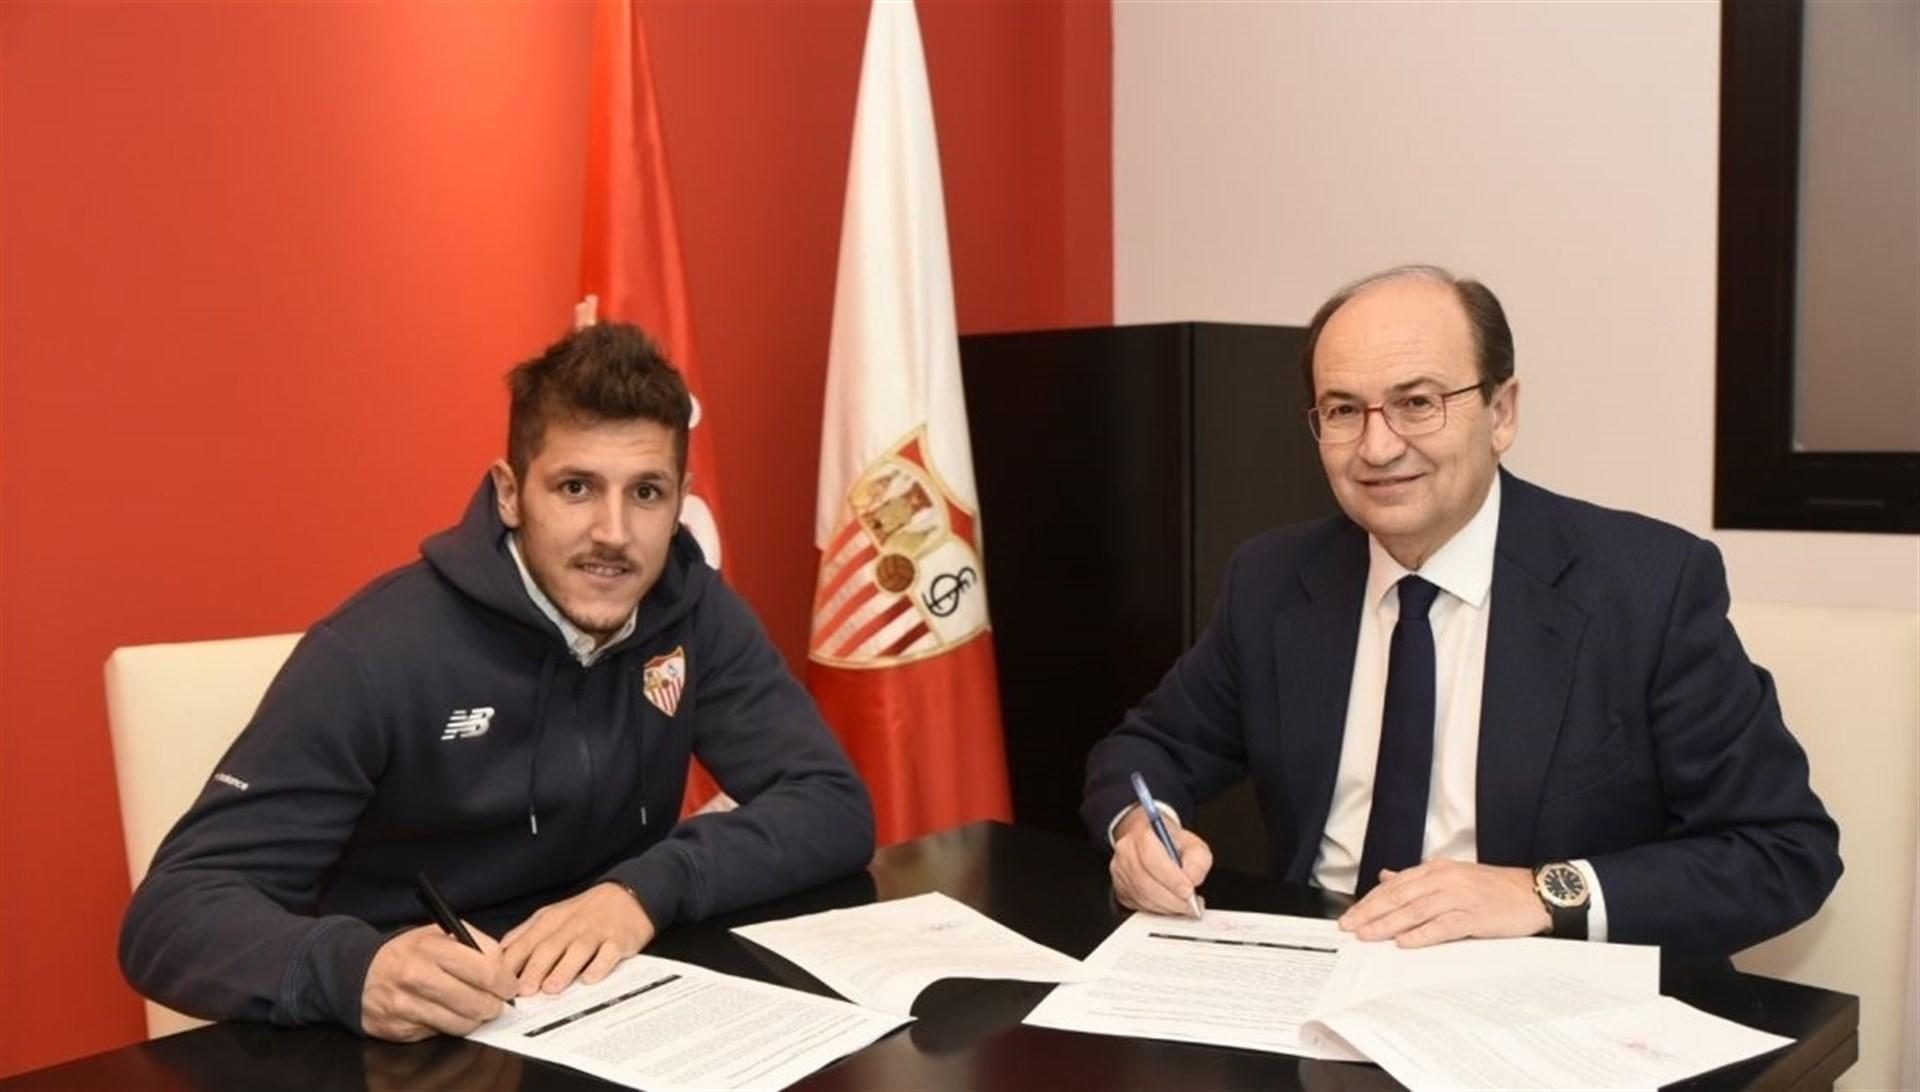 Jovetic, cedido con opción de compra, refuerza la delantera del Sevilla